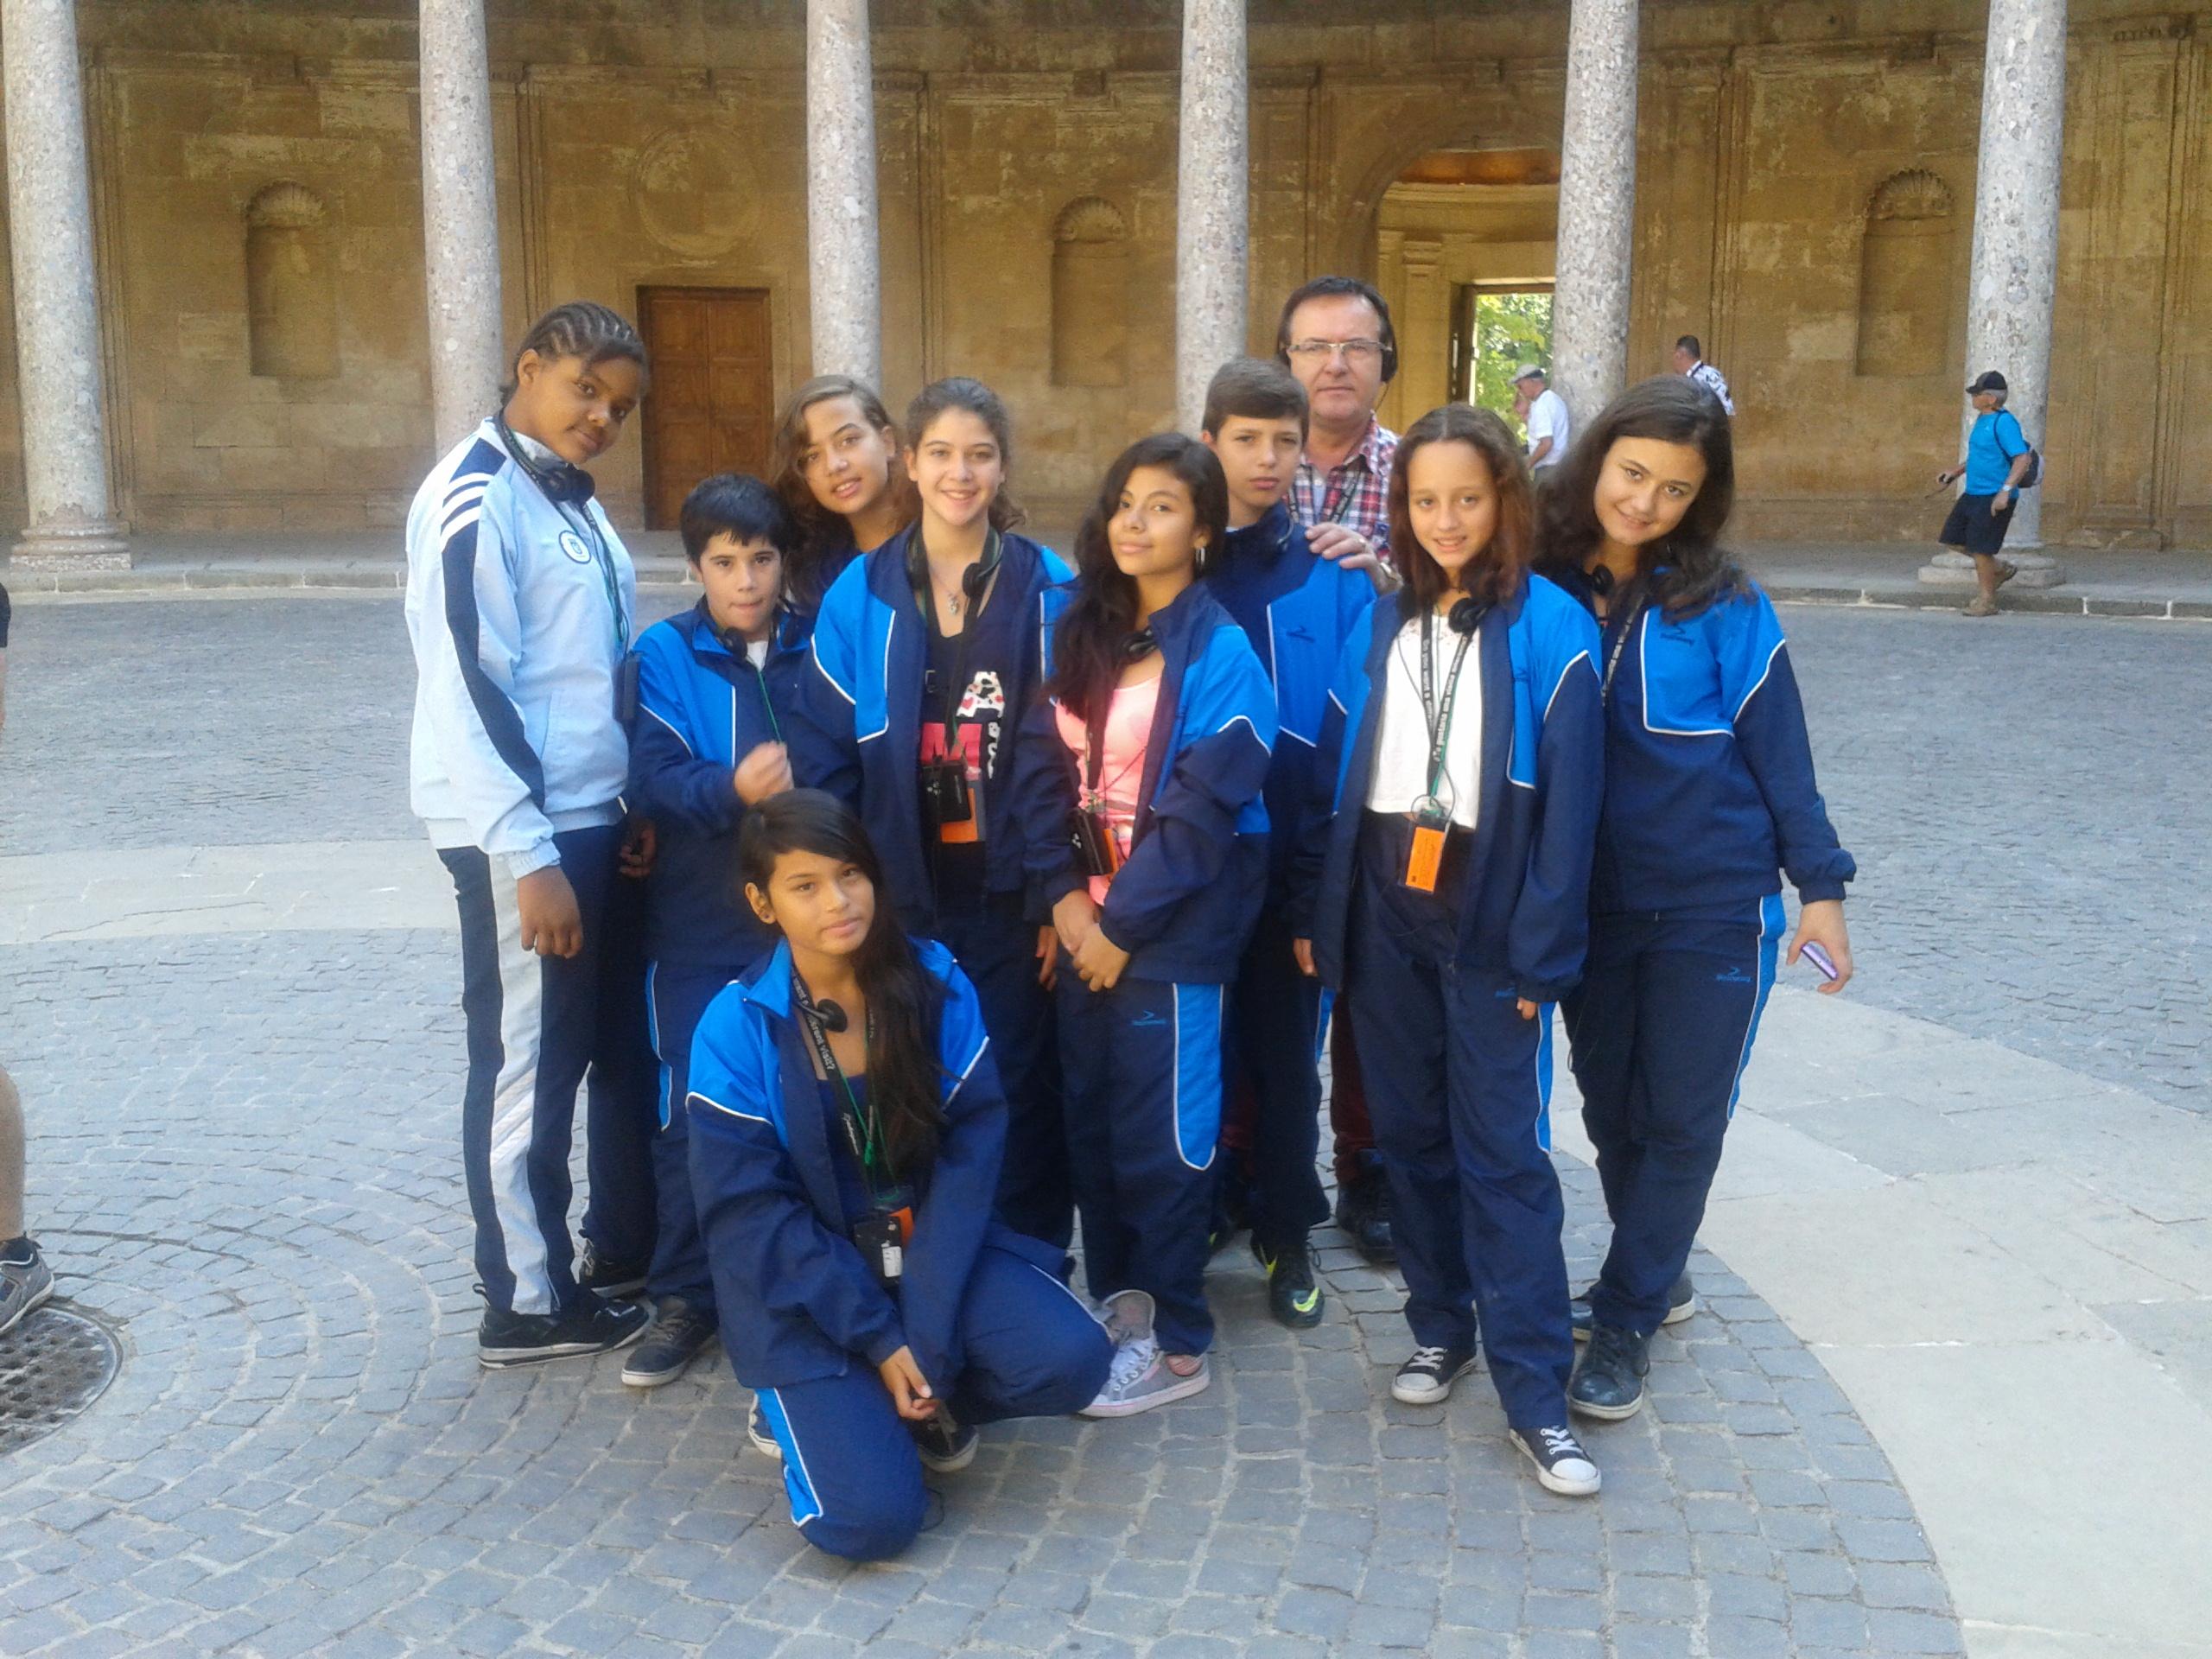 Spain's 'Good Luck Children' visit the Alhambra